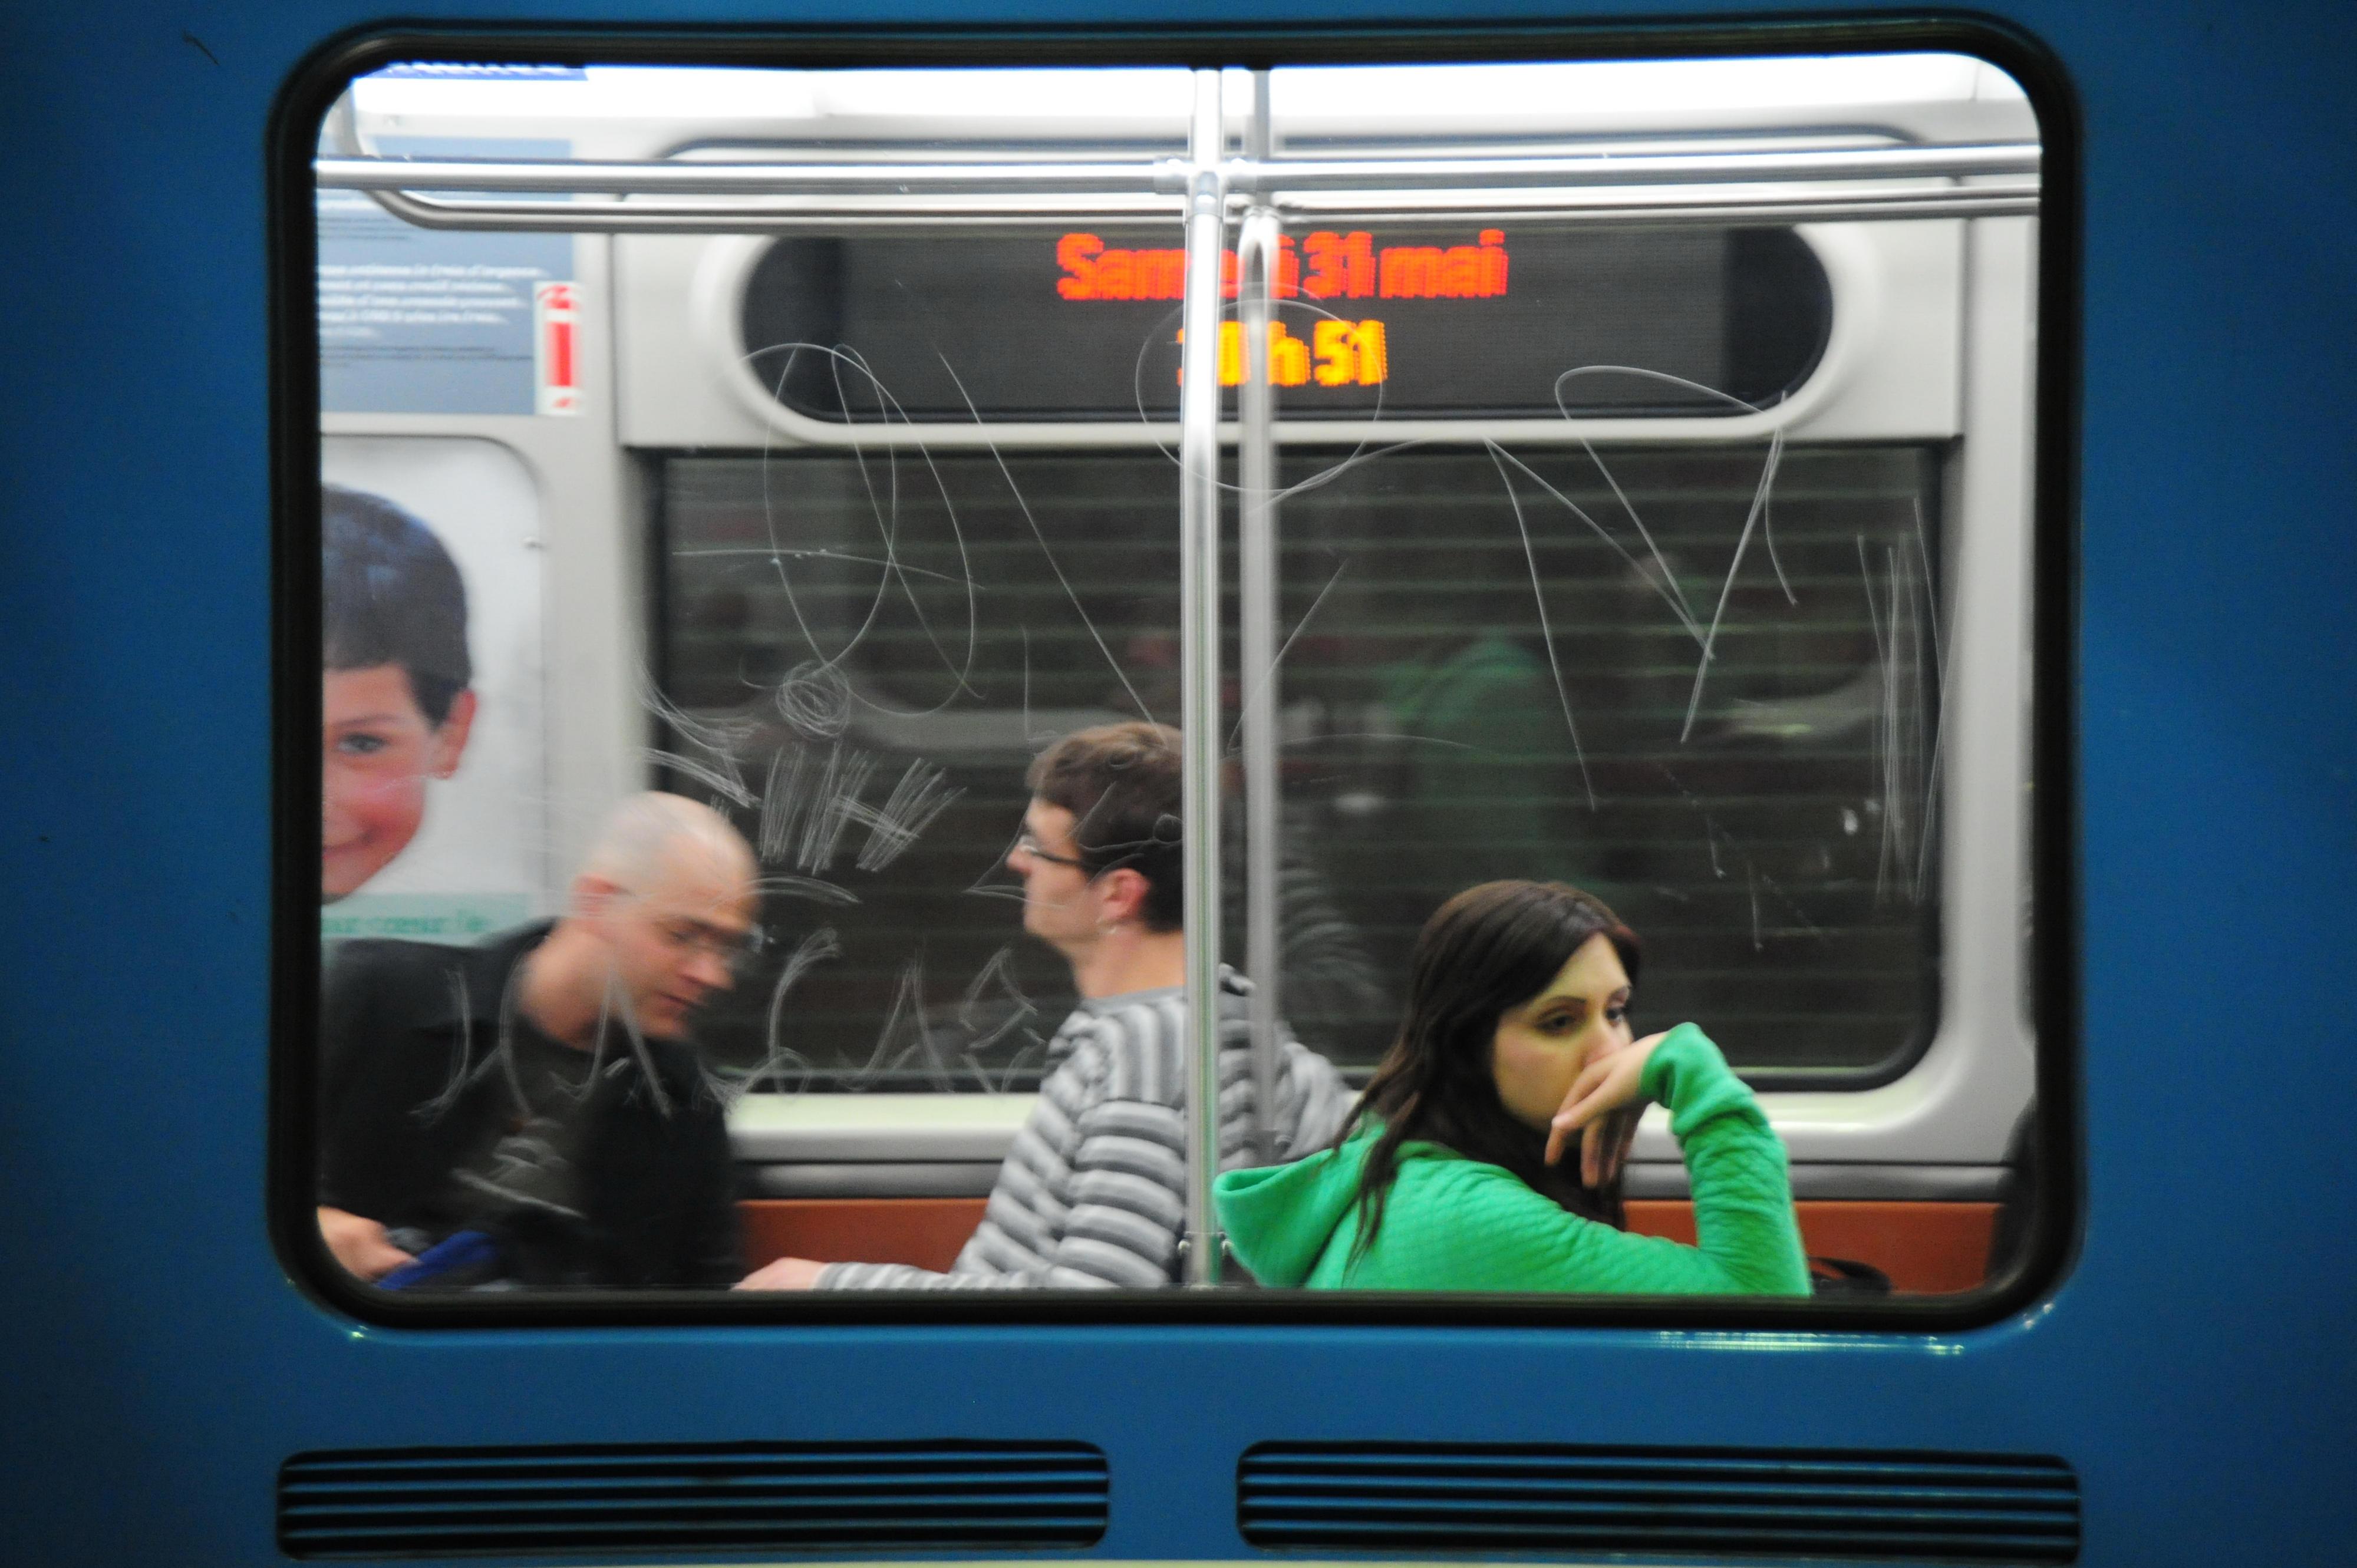 Metro Dreamy